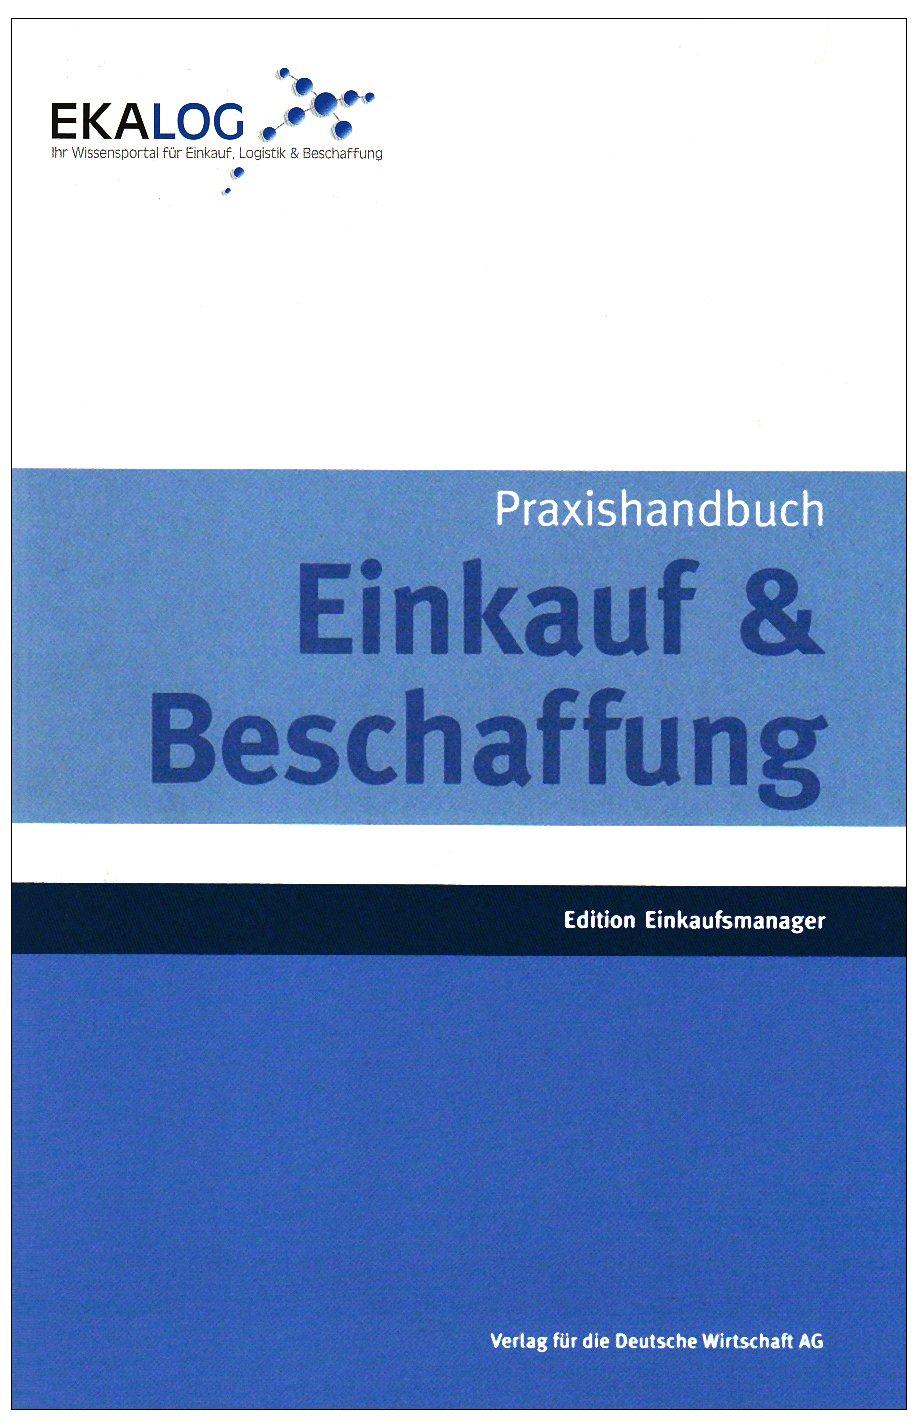 Praxishandbuch Einkauf & Beschaffung Broschiert – 1. Mai 2009 Frank Toscha 3812509423 Betriebswirtschaft Beschaffungsmanagement